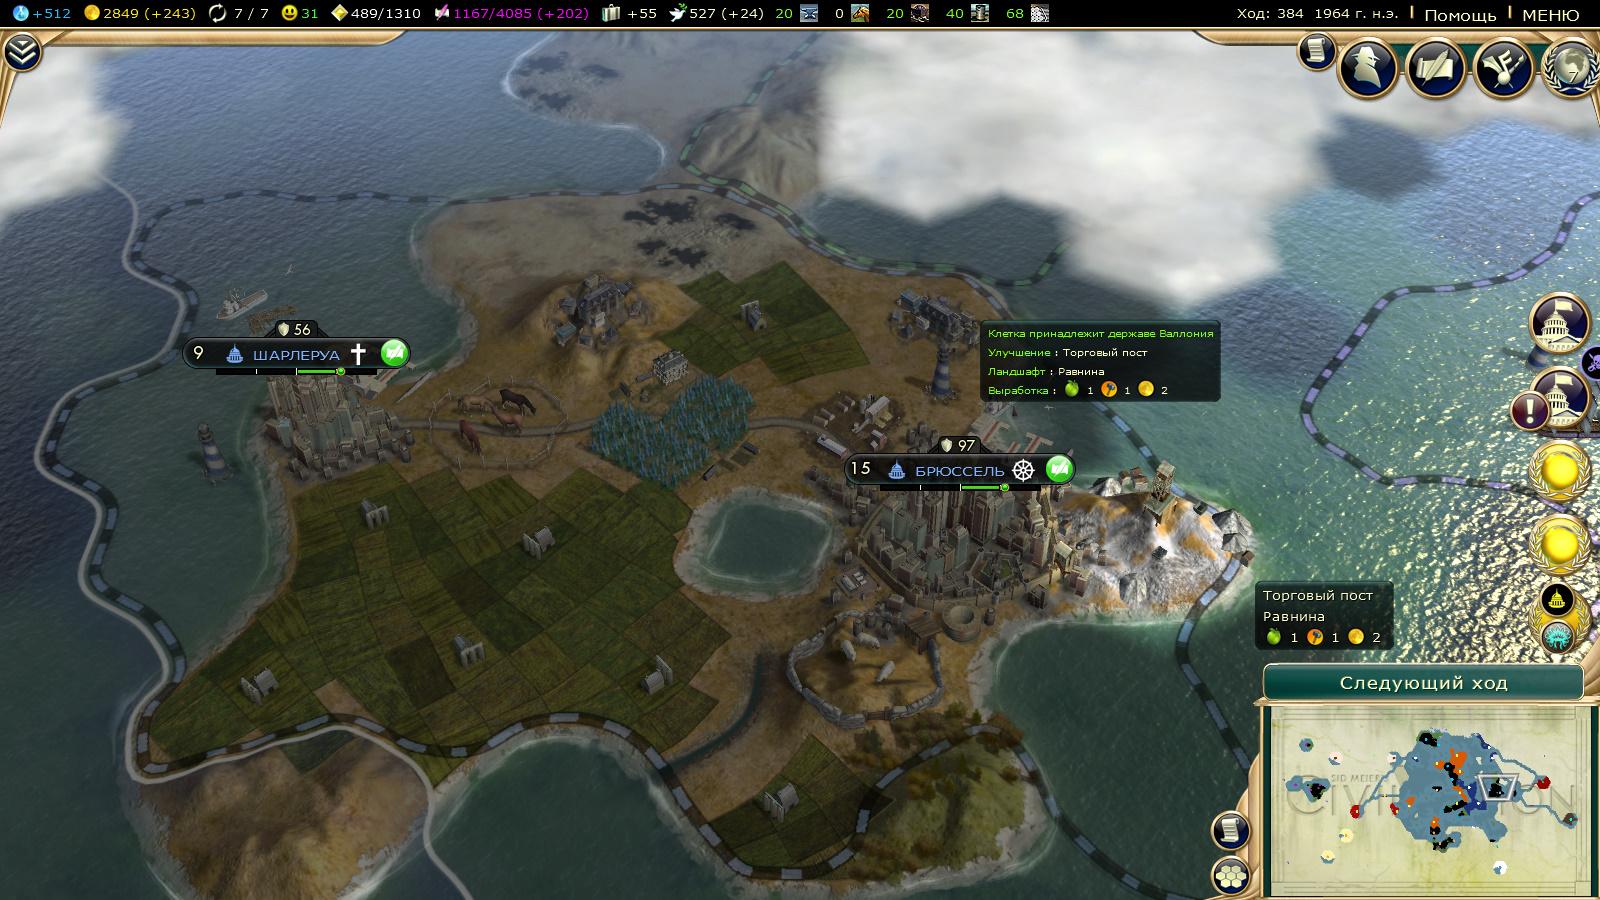 Малые государства способны соединить свои города дорогами (если есть такая возможность) - Sid Meier's Civilization 5 Моды